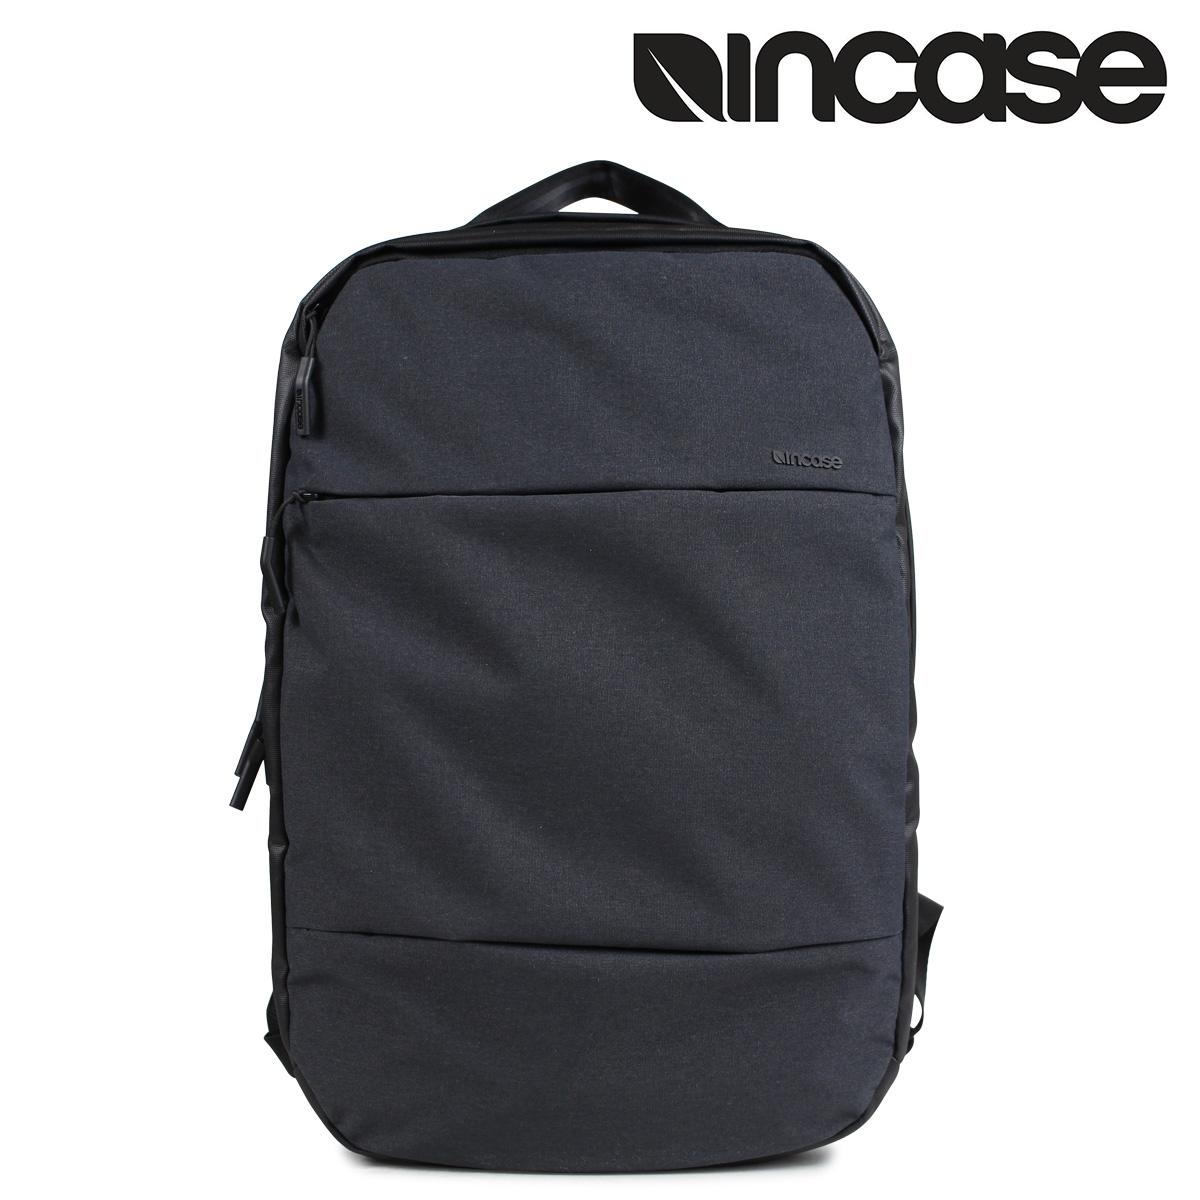 INCASE インケース リュック バックパック 23L 15INCH CITY COMMUTER PACK メンズ レディース ブラック INCO100146 [予約商品 4/10頃入荷予定 再入荷]